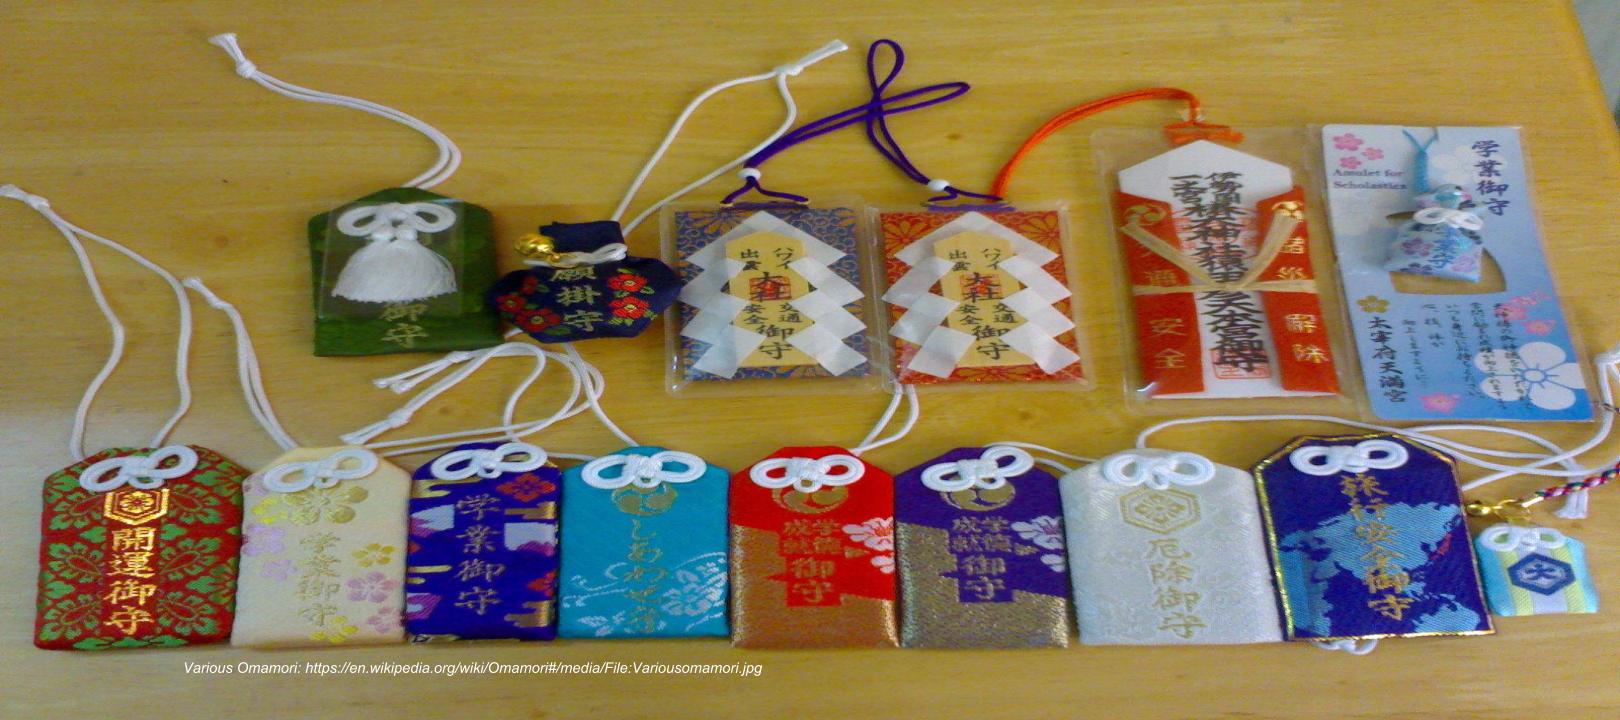 Various Omamori